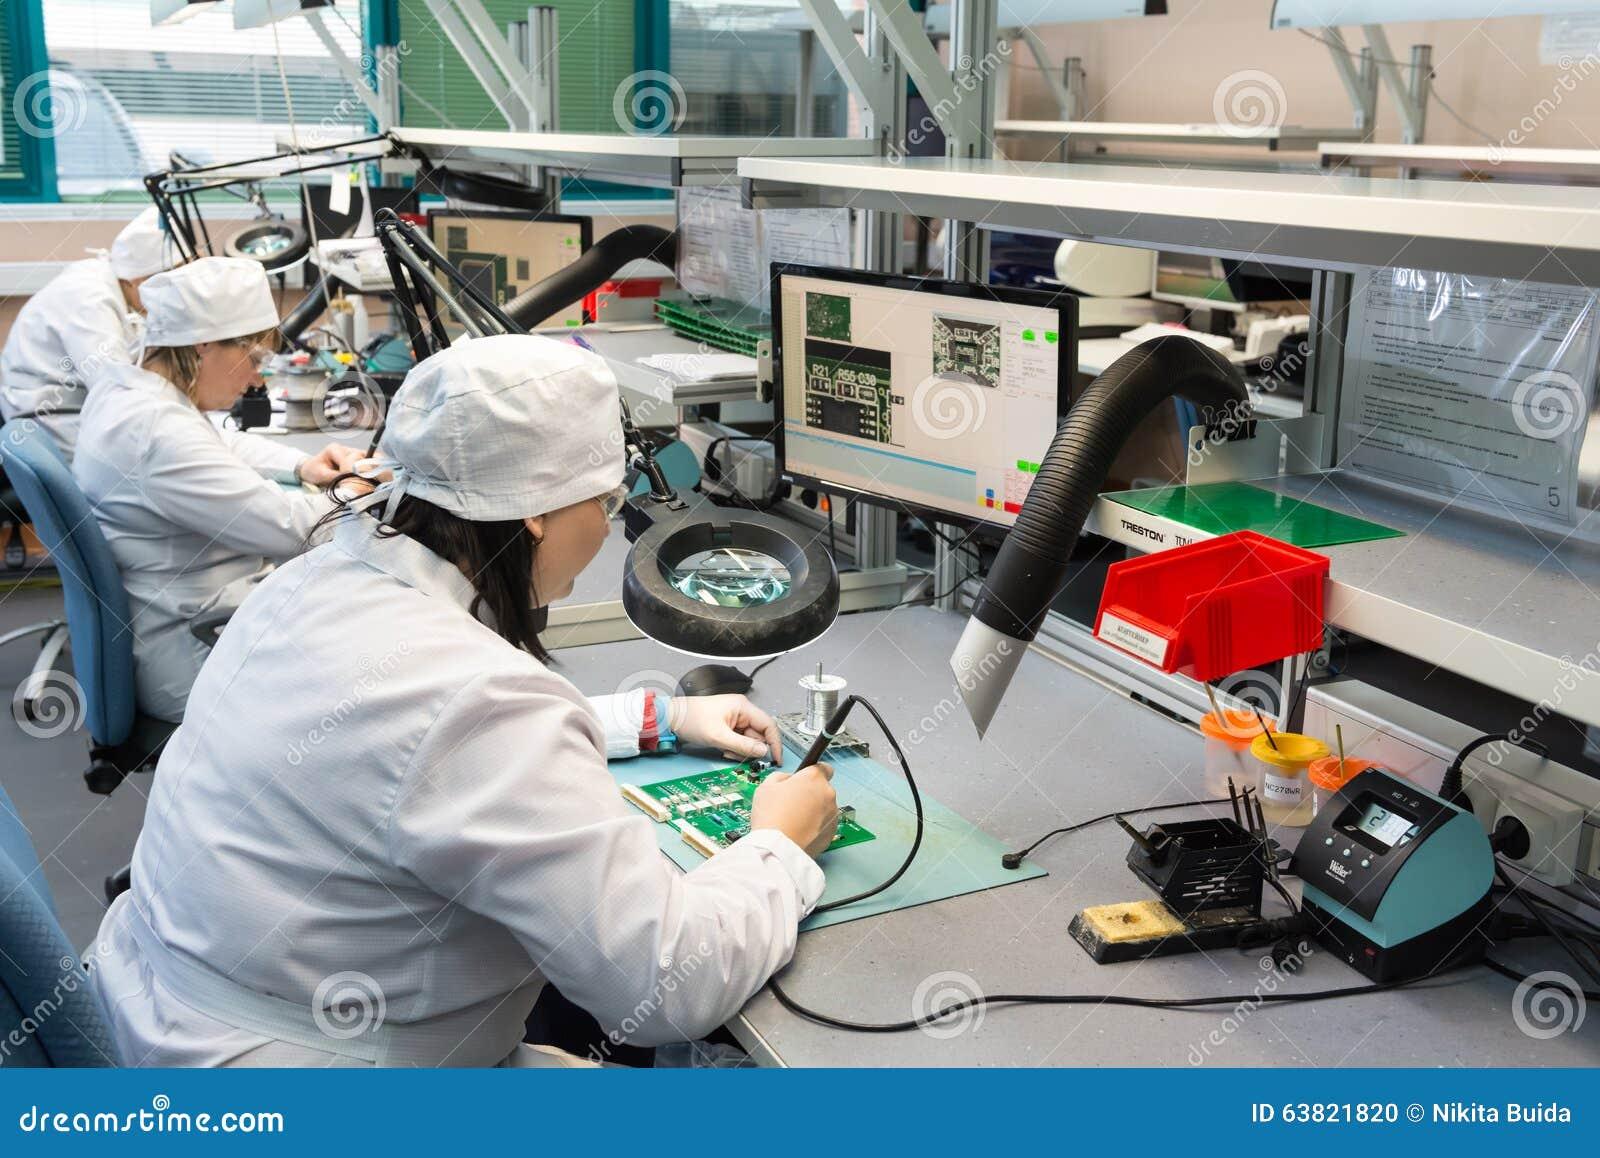 Produção de componentes eletrônicos na alto-tecnologia